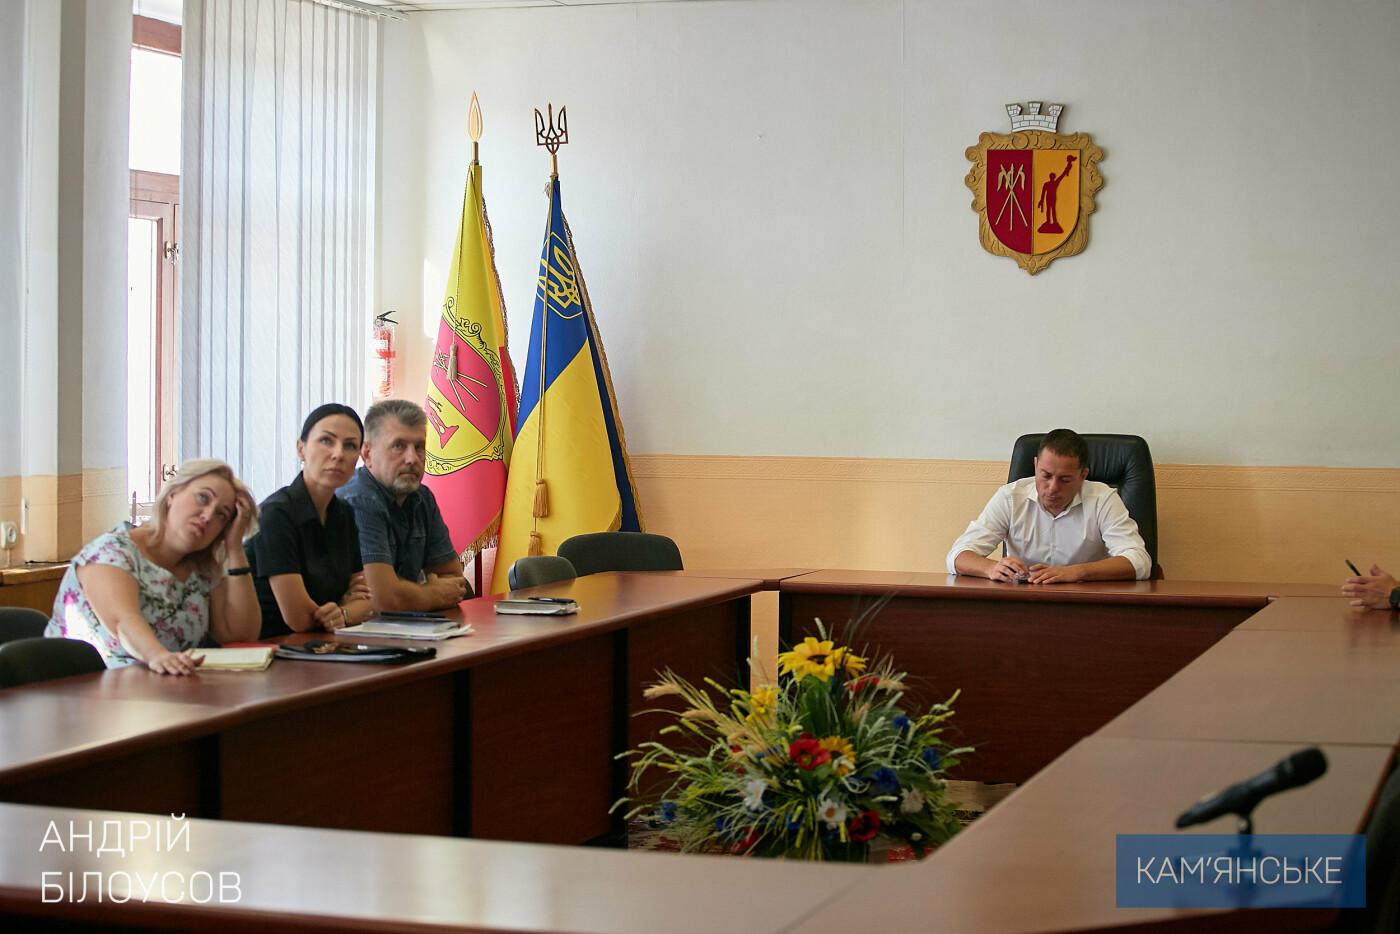 Субсидия онлайн: в Каменском разработали информационно-сервисный портал в сфере соцзащиты, фото-1